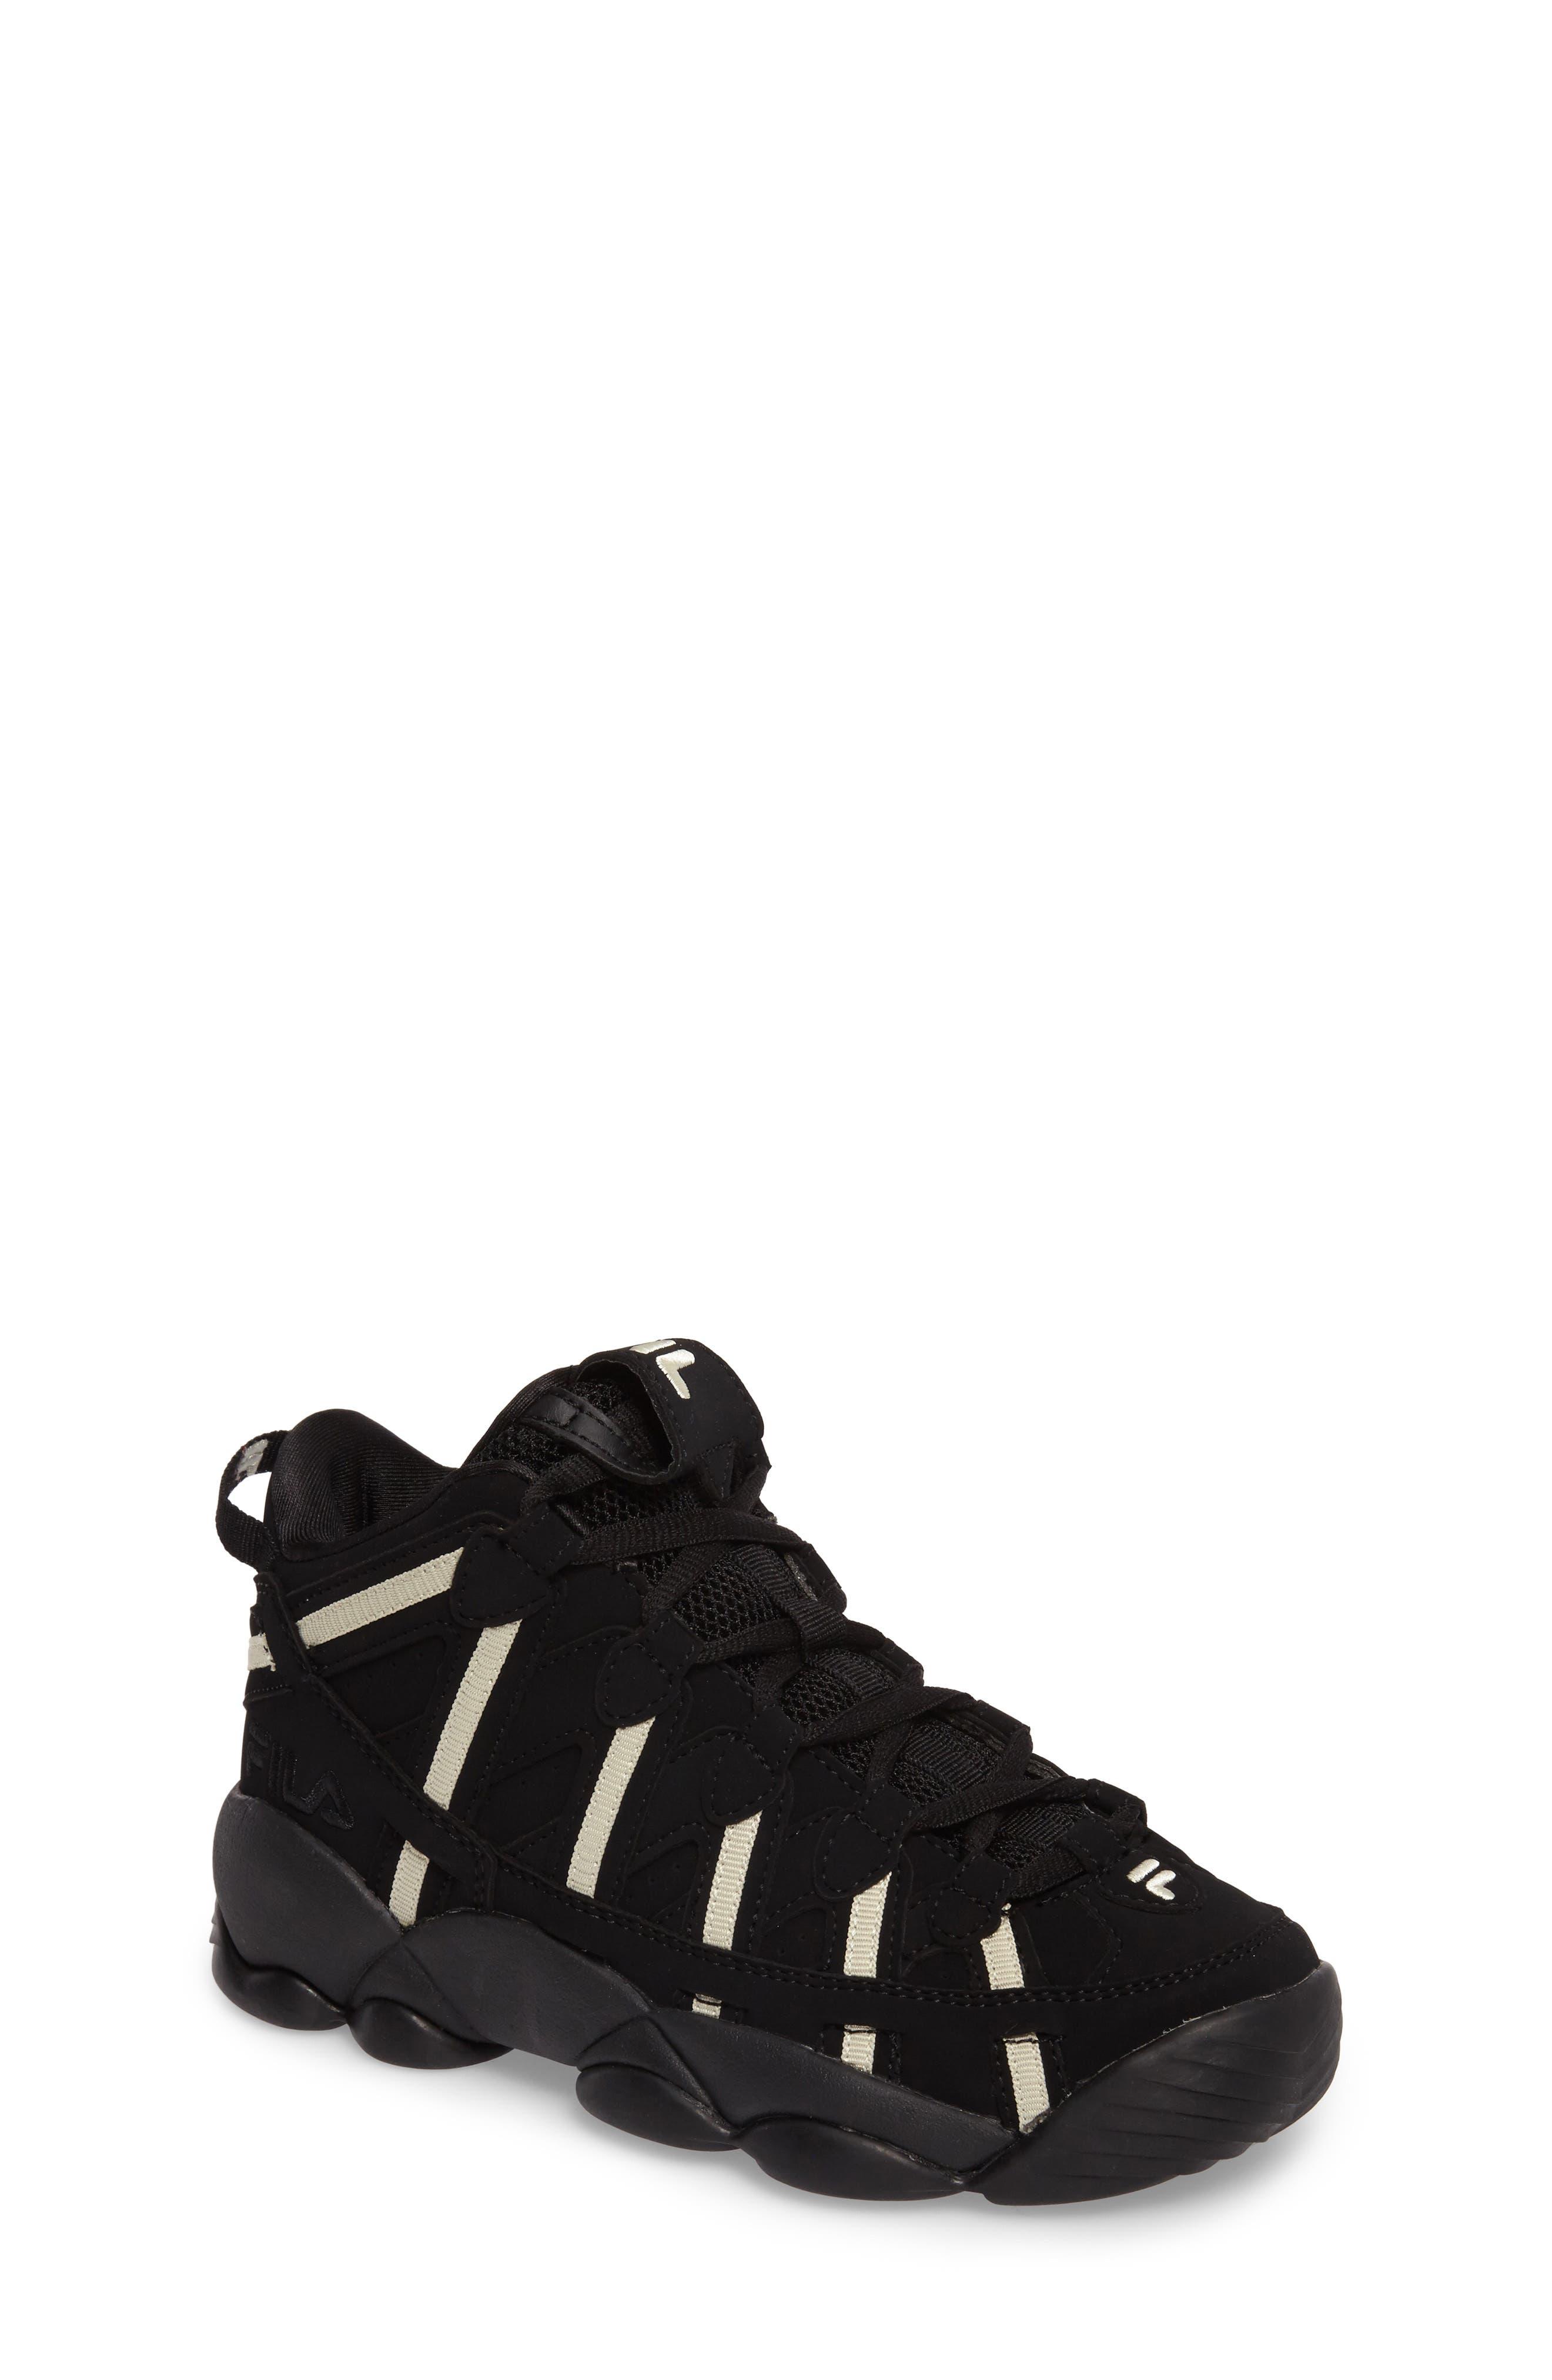 Spaghetti Deluxe Mid Top Sneaker,                         Main,                         color, Black/ Cream